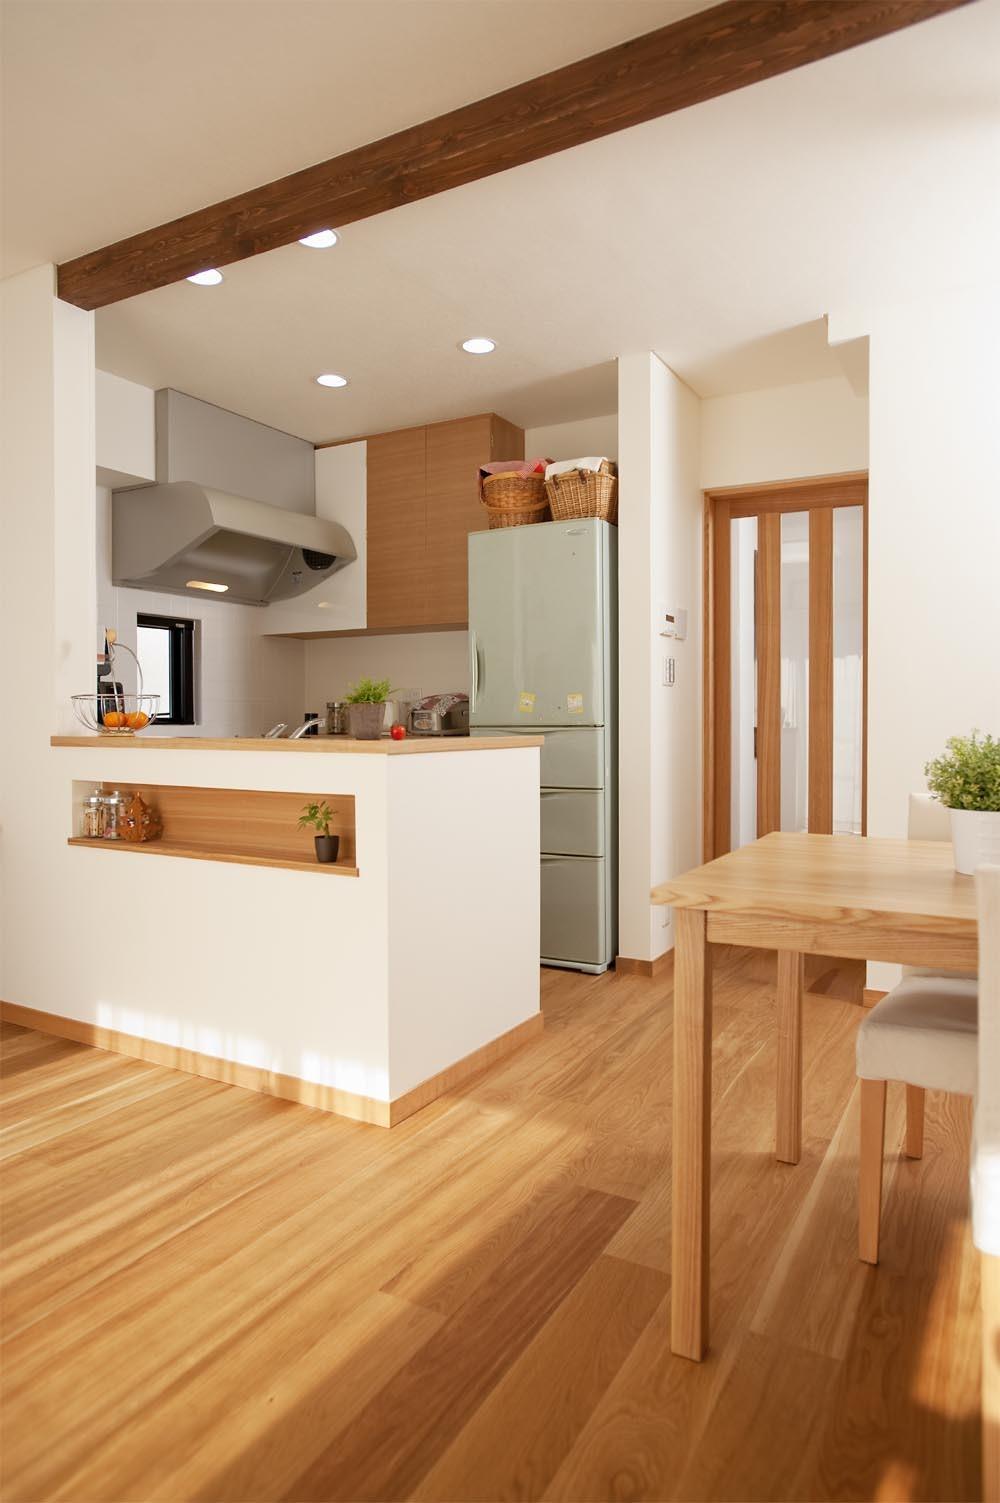 キッチン事例:対面キッチン(30センチからうまれた、広がりを感じるリビング)